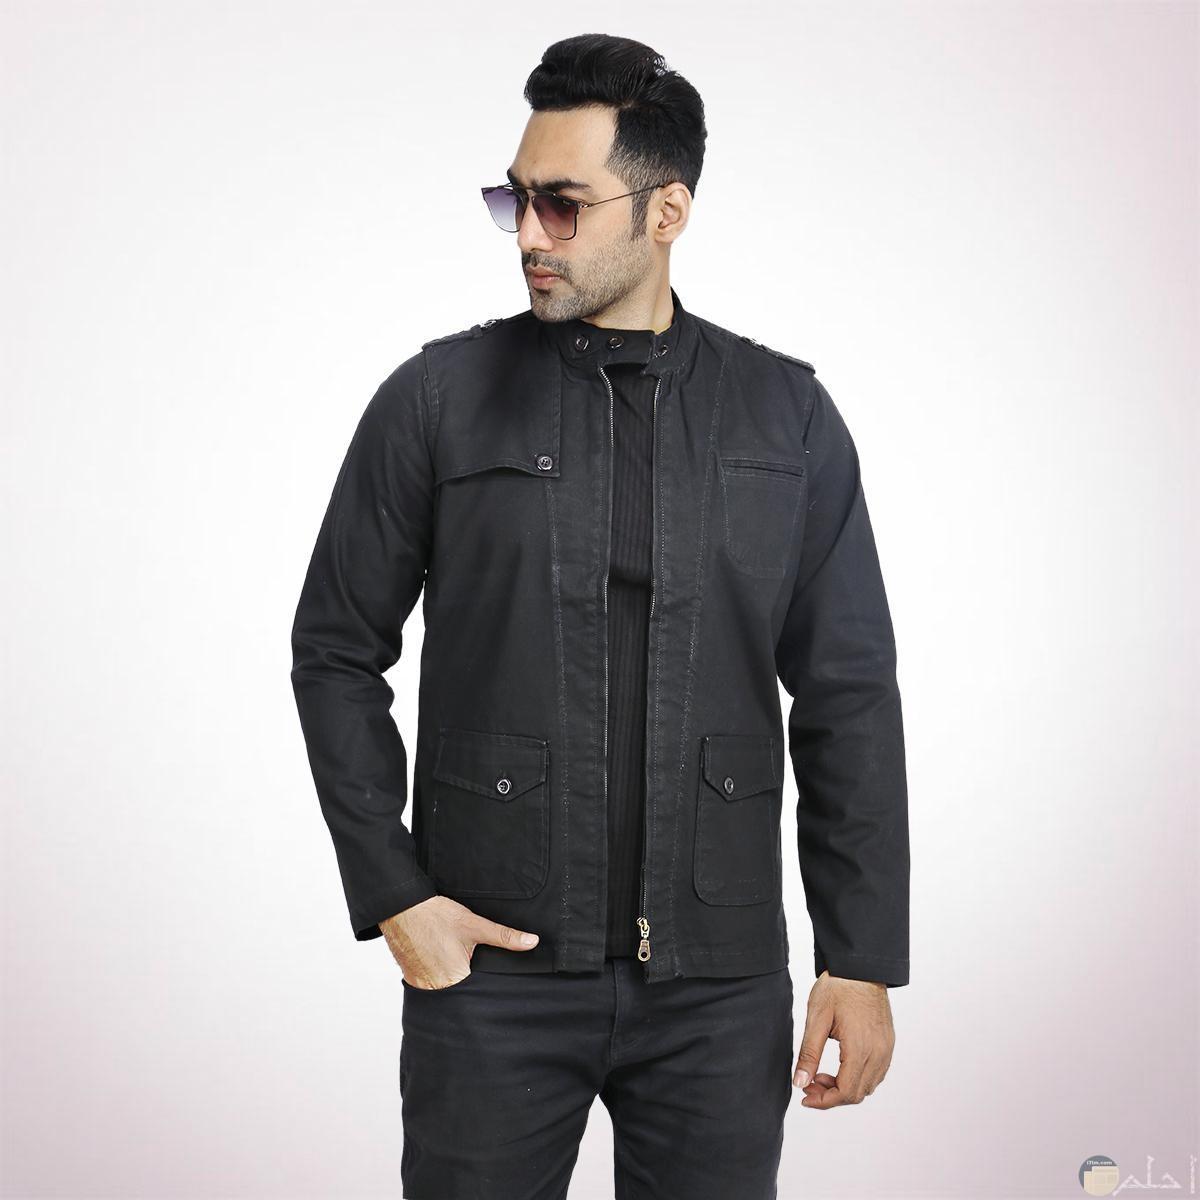 صورة للملابس الشتوية للرجال باللون الأسود مميزة